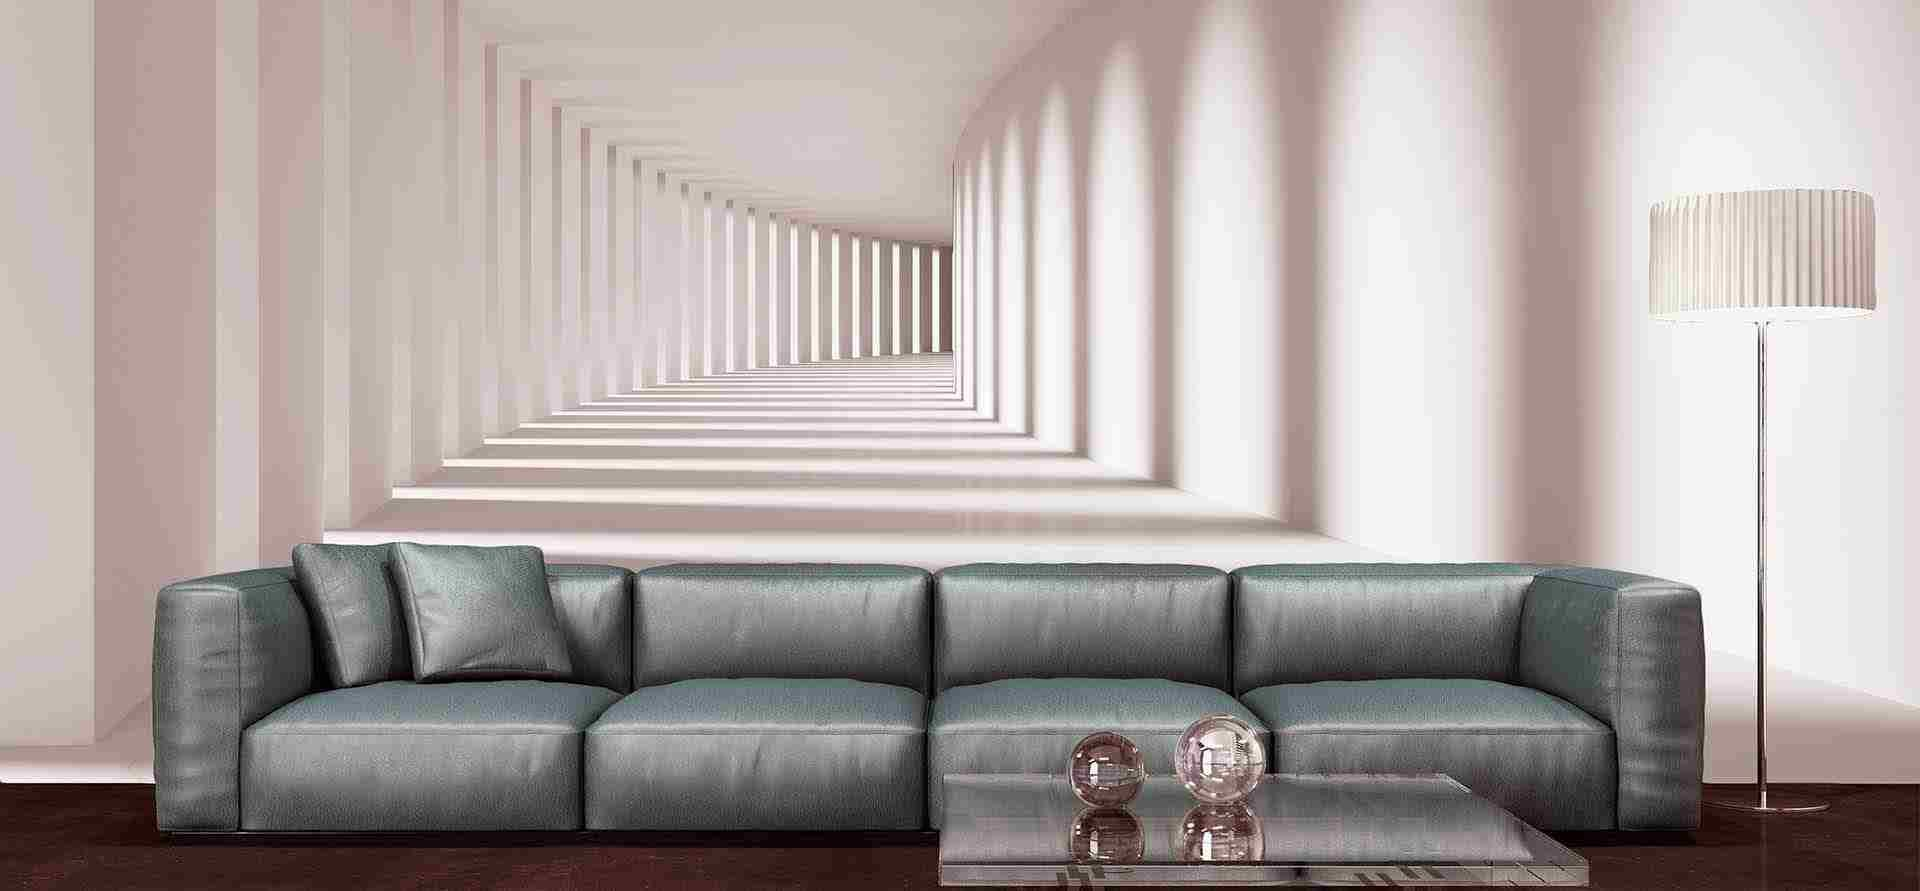 کاغذ دیواری سه بعدی مدرن و بروز